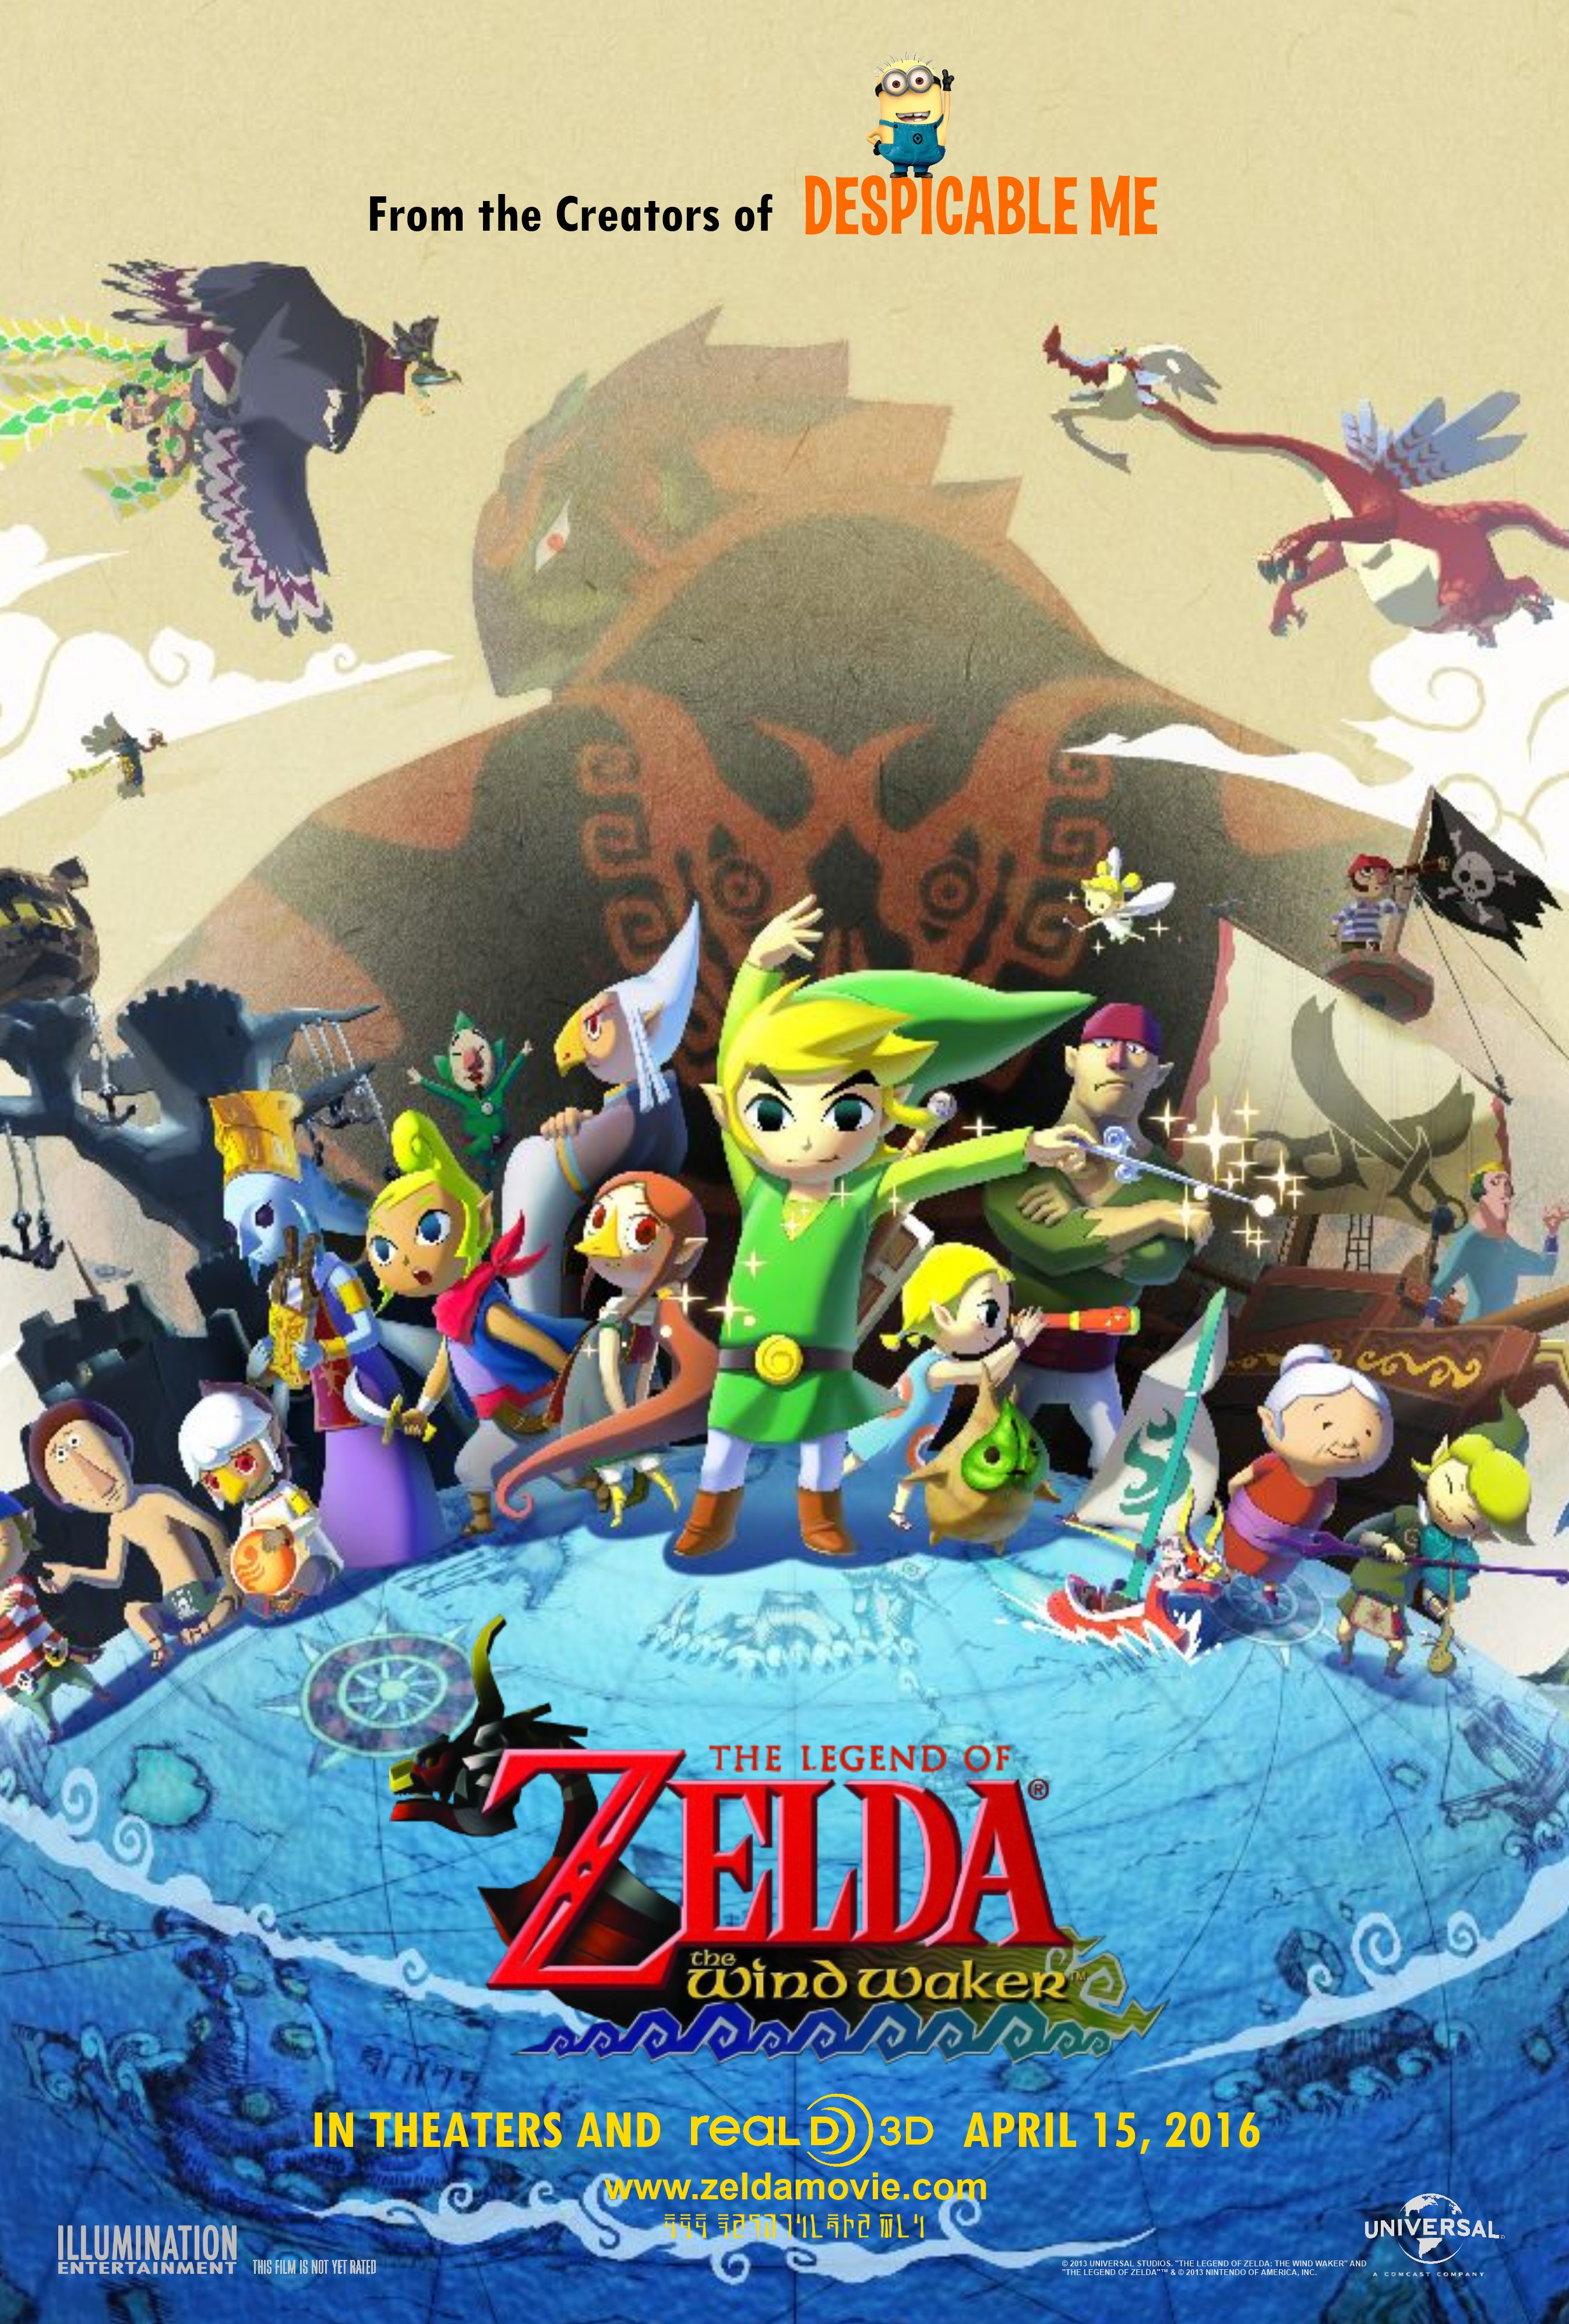 Legend Of Zelda Wind Waker Poster The Legend of Zelda: T...